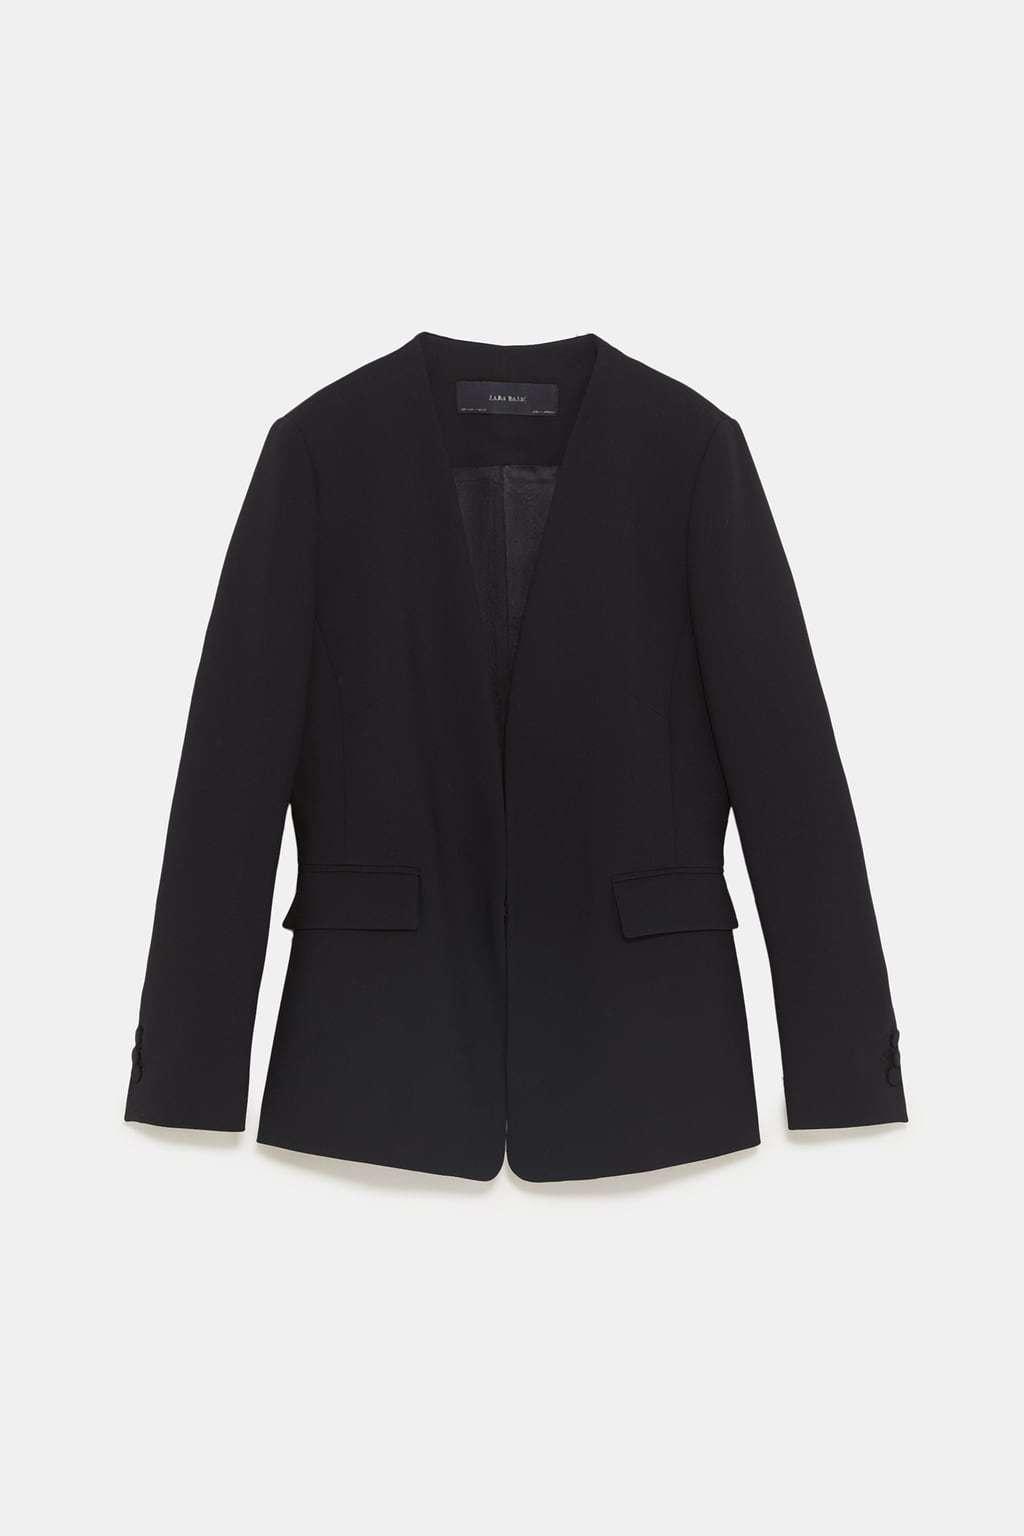 Americana sin solapa de Zara. Precio 39,95 euros.